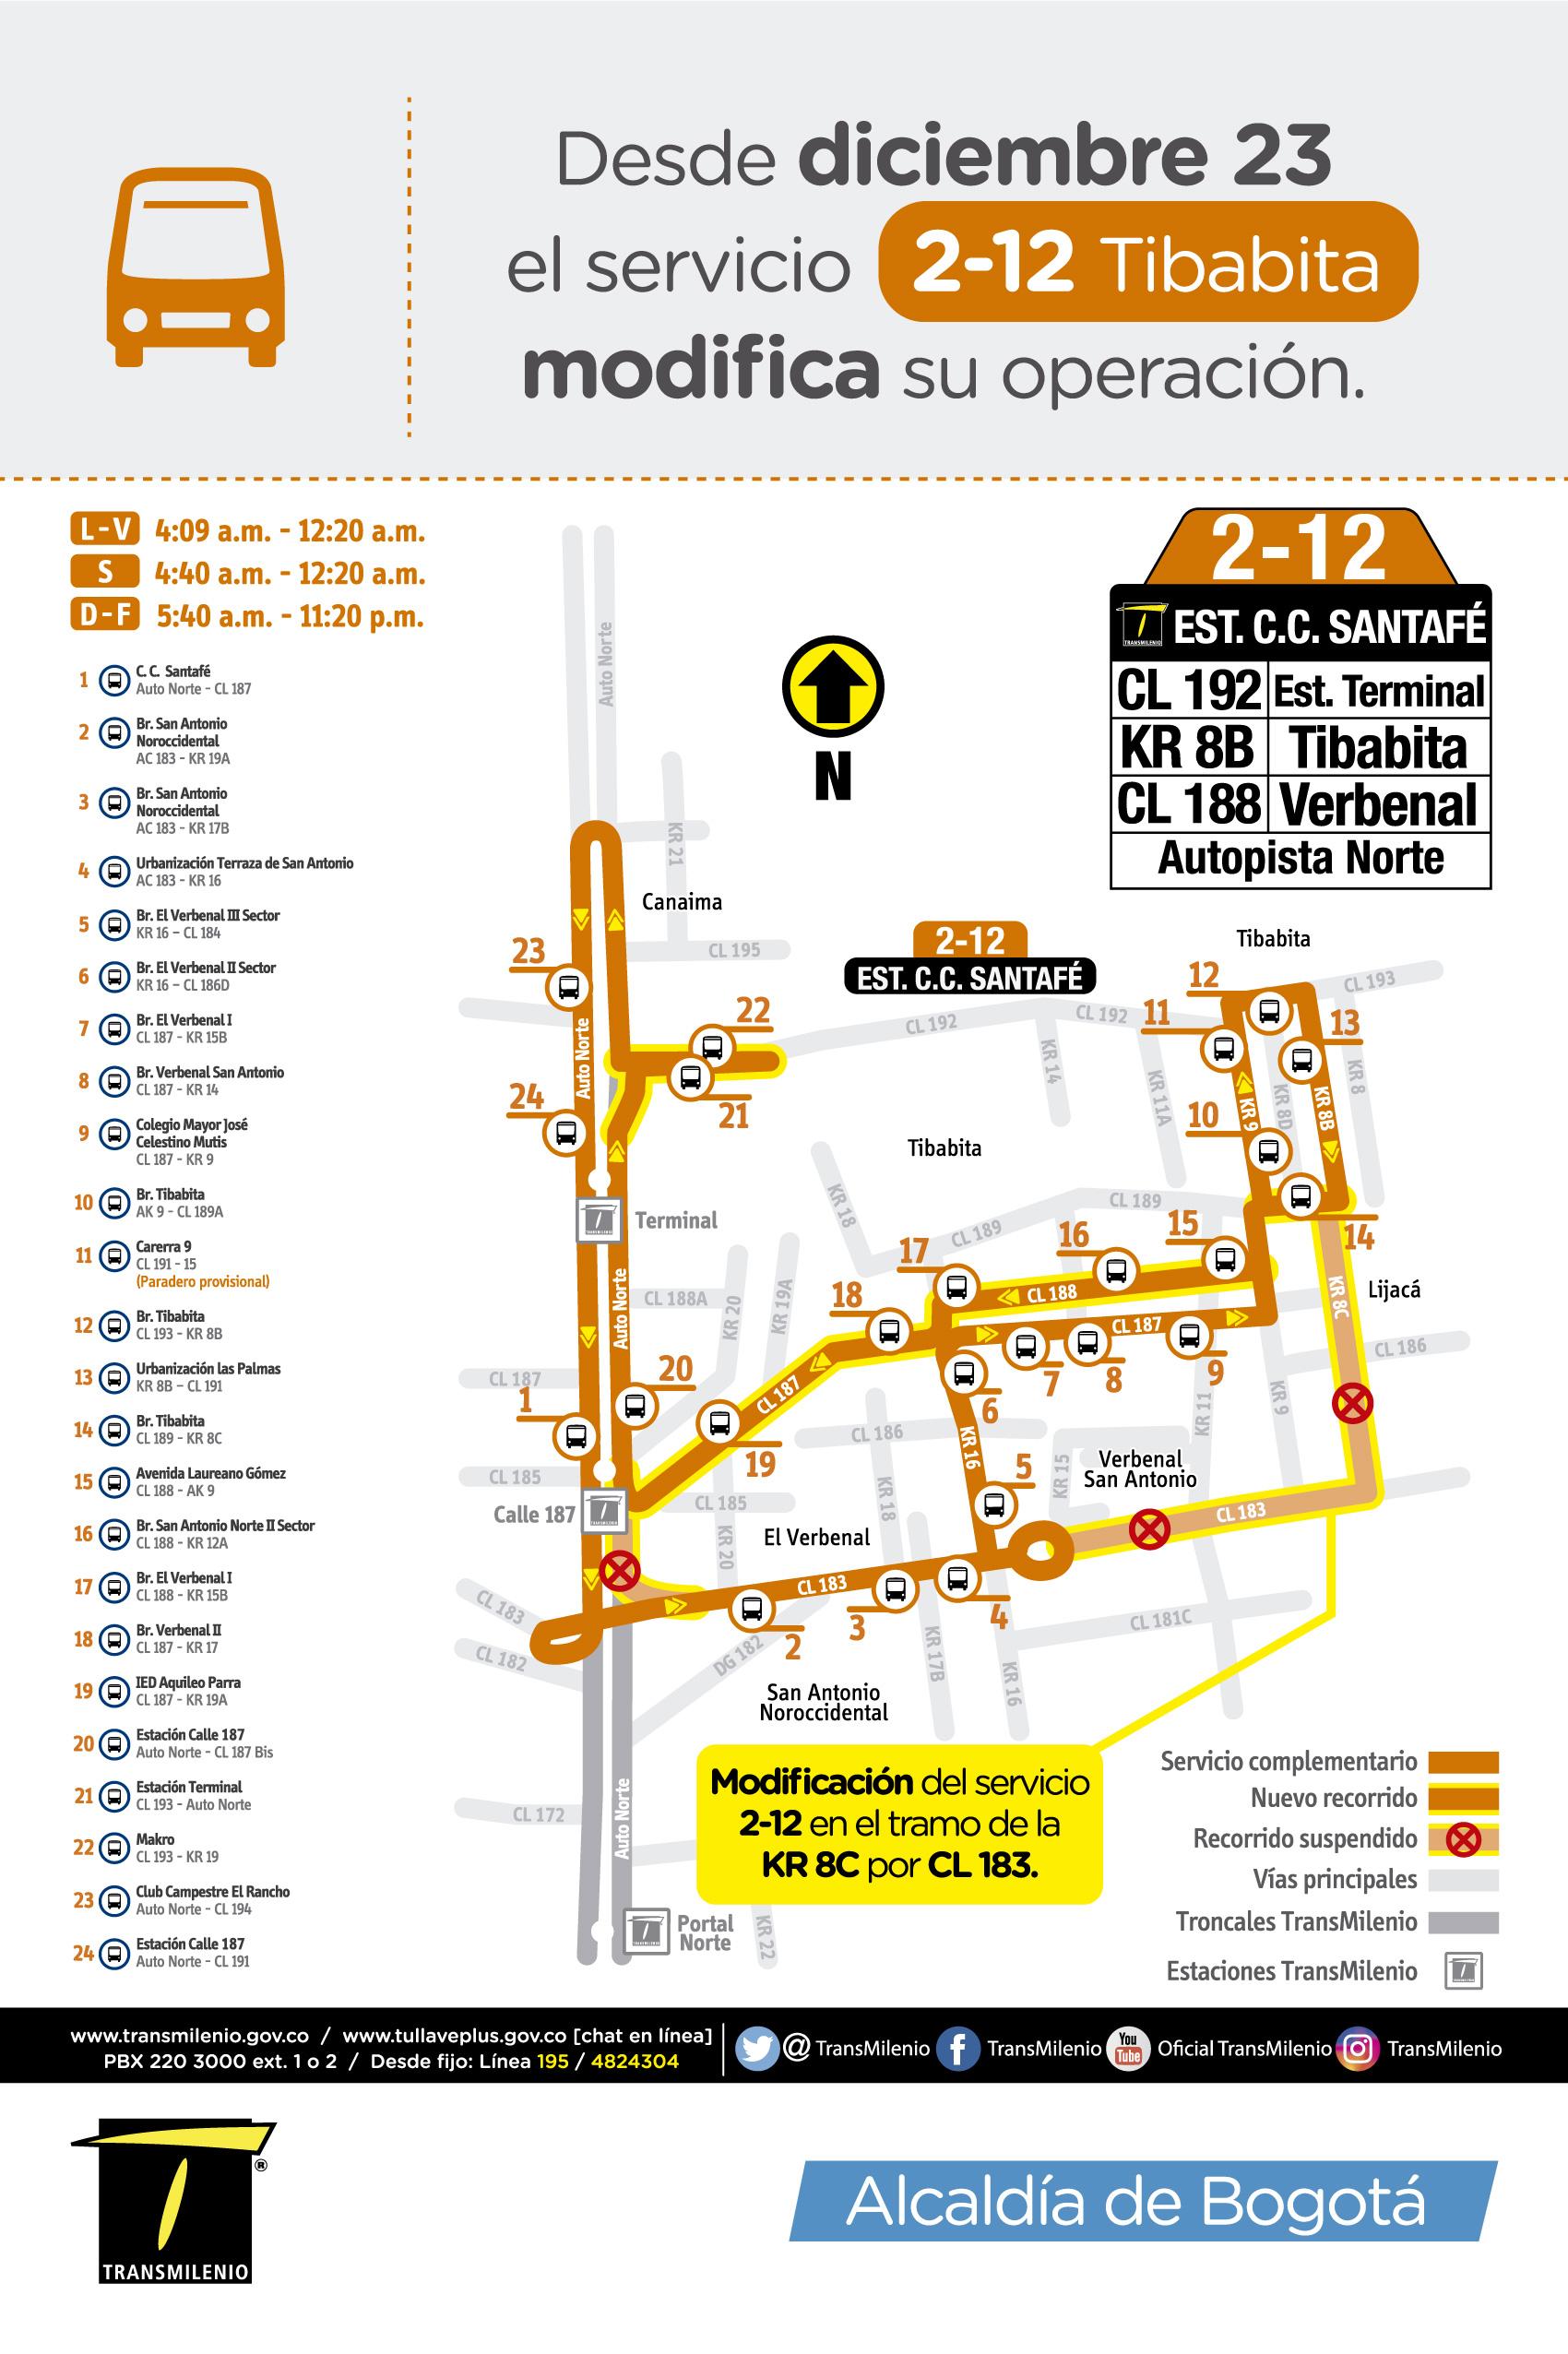 Mapa de la ruta complementaria 2-12 con cambio operacional